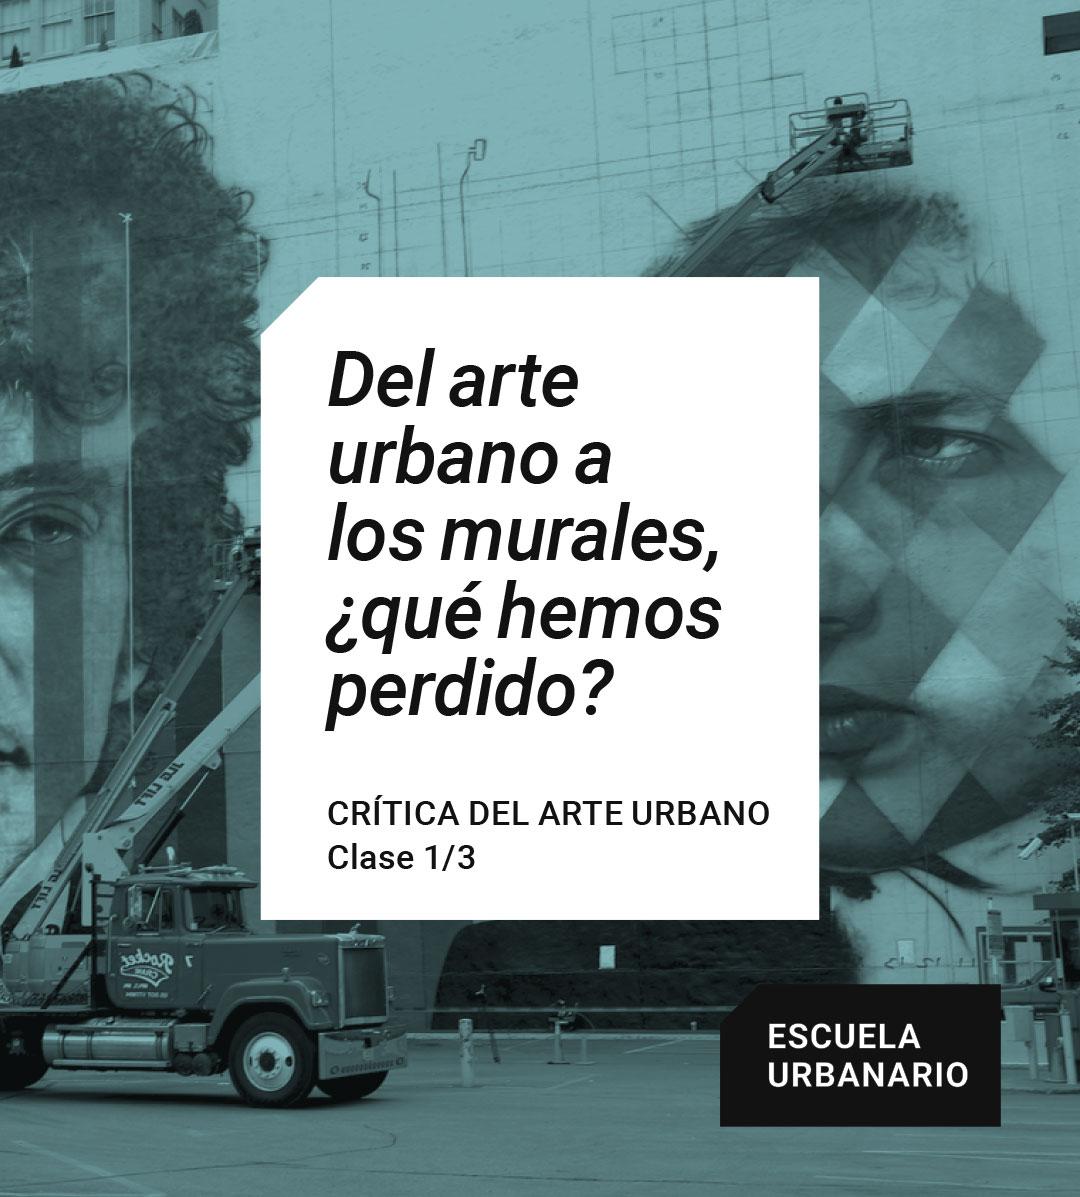 Del arte urbano a los murales - Escuela Urbanario